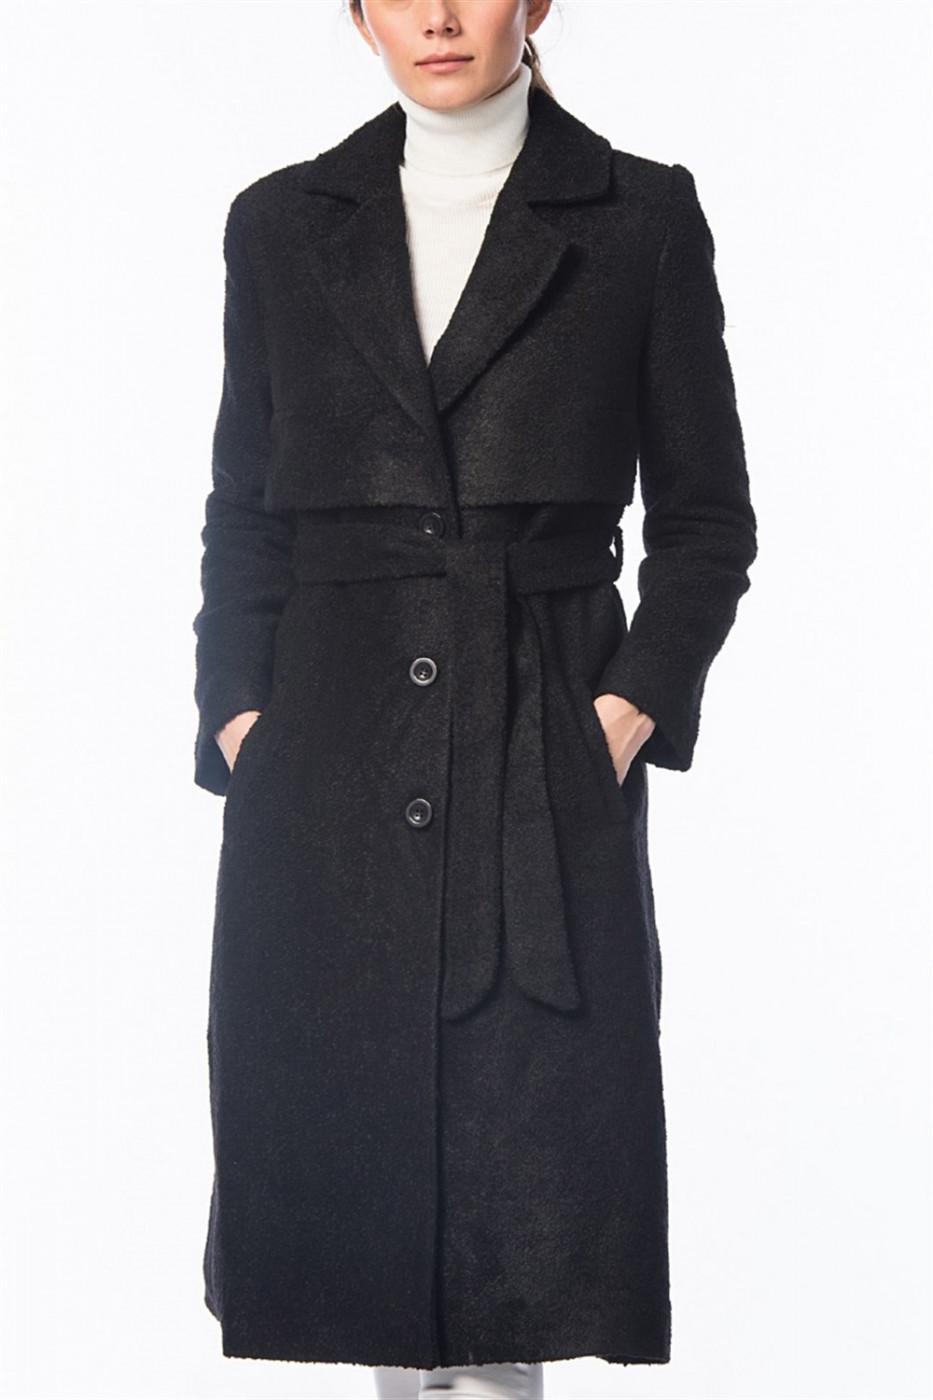 Z6408 DEWBERRY WOMEN's COAT-BLACK